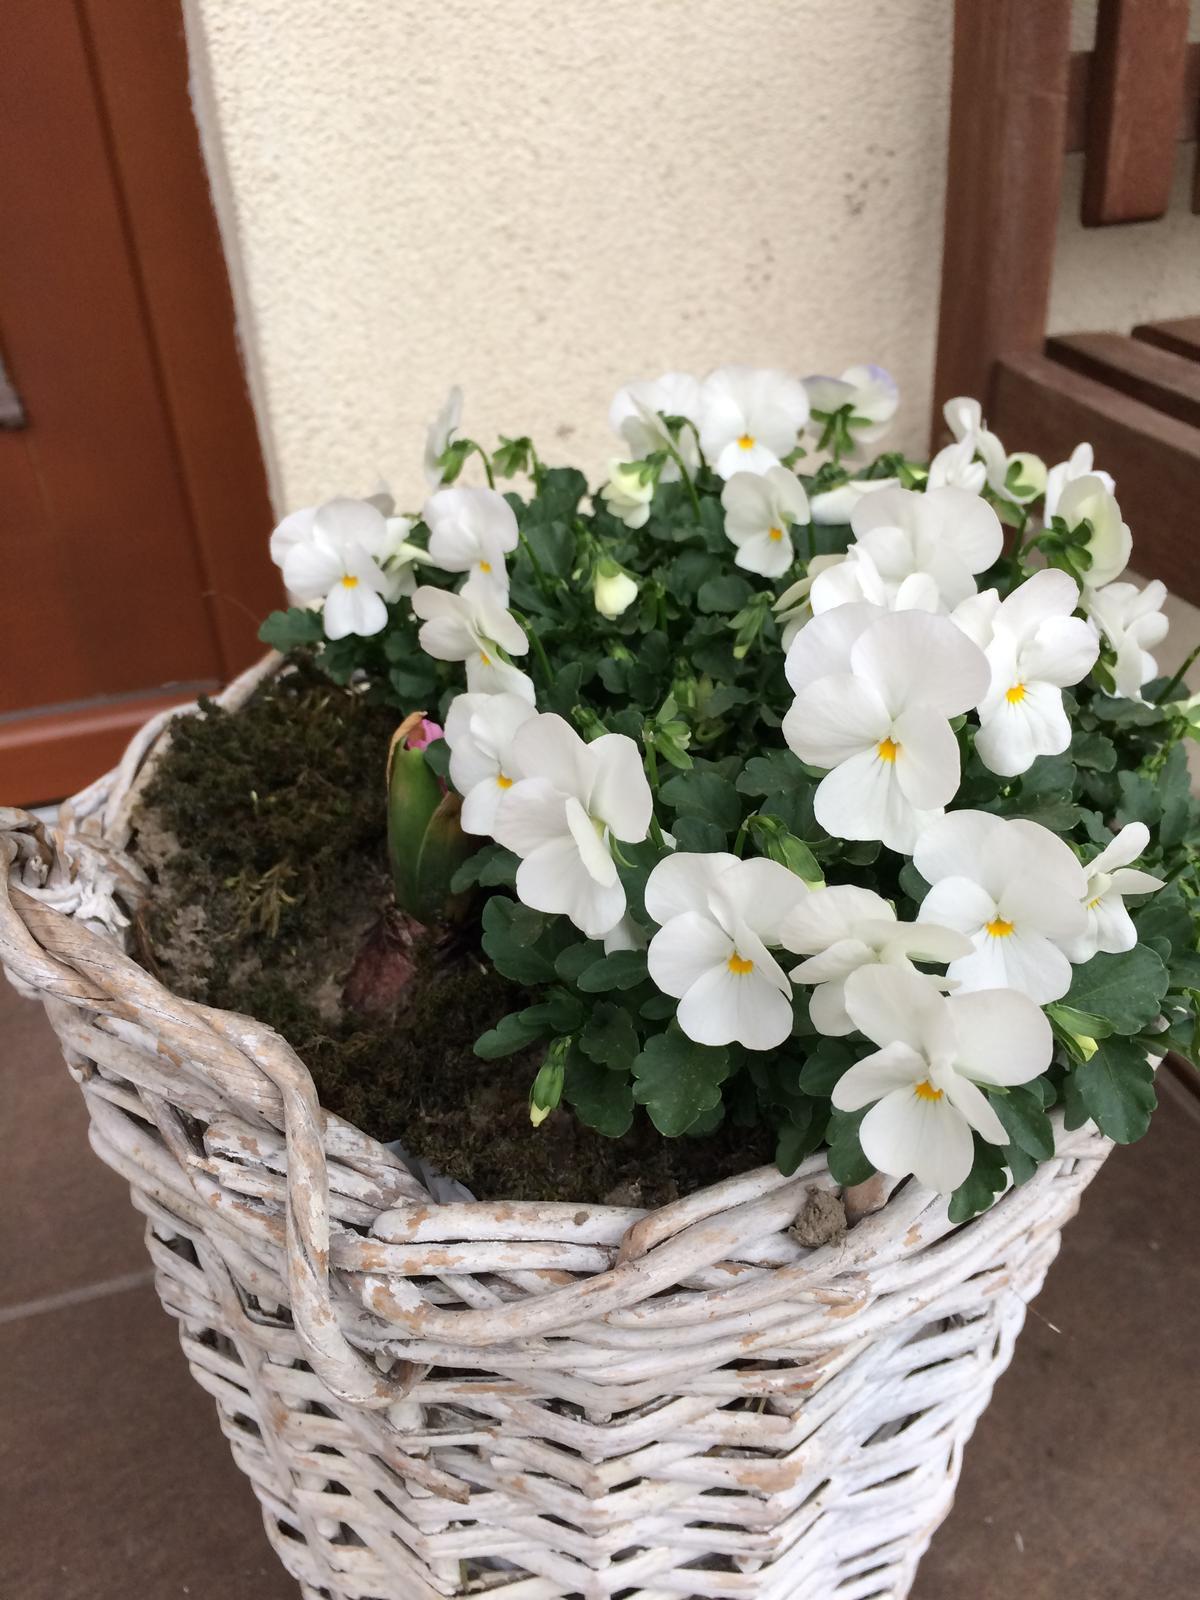 Zahrada 2018 - Konečně rozkvetly podruhé. Ty první květy ožralo to naše bílé býložravé pesisko.